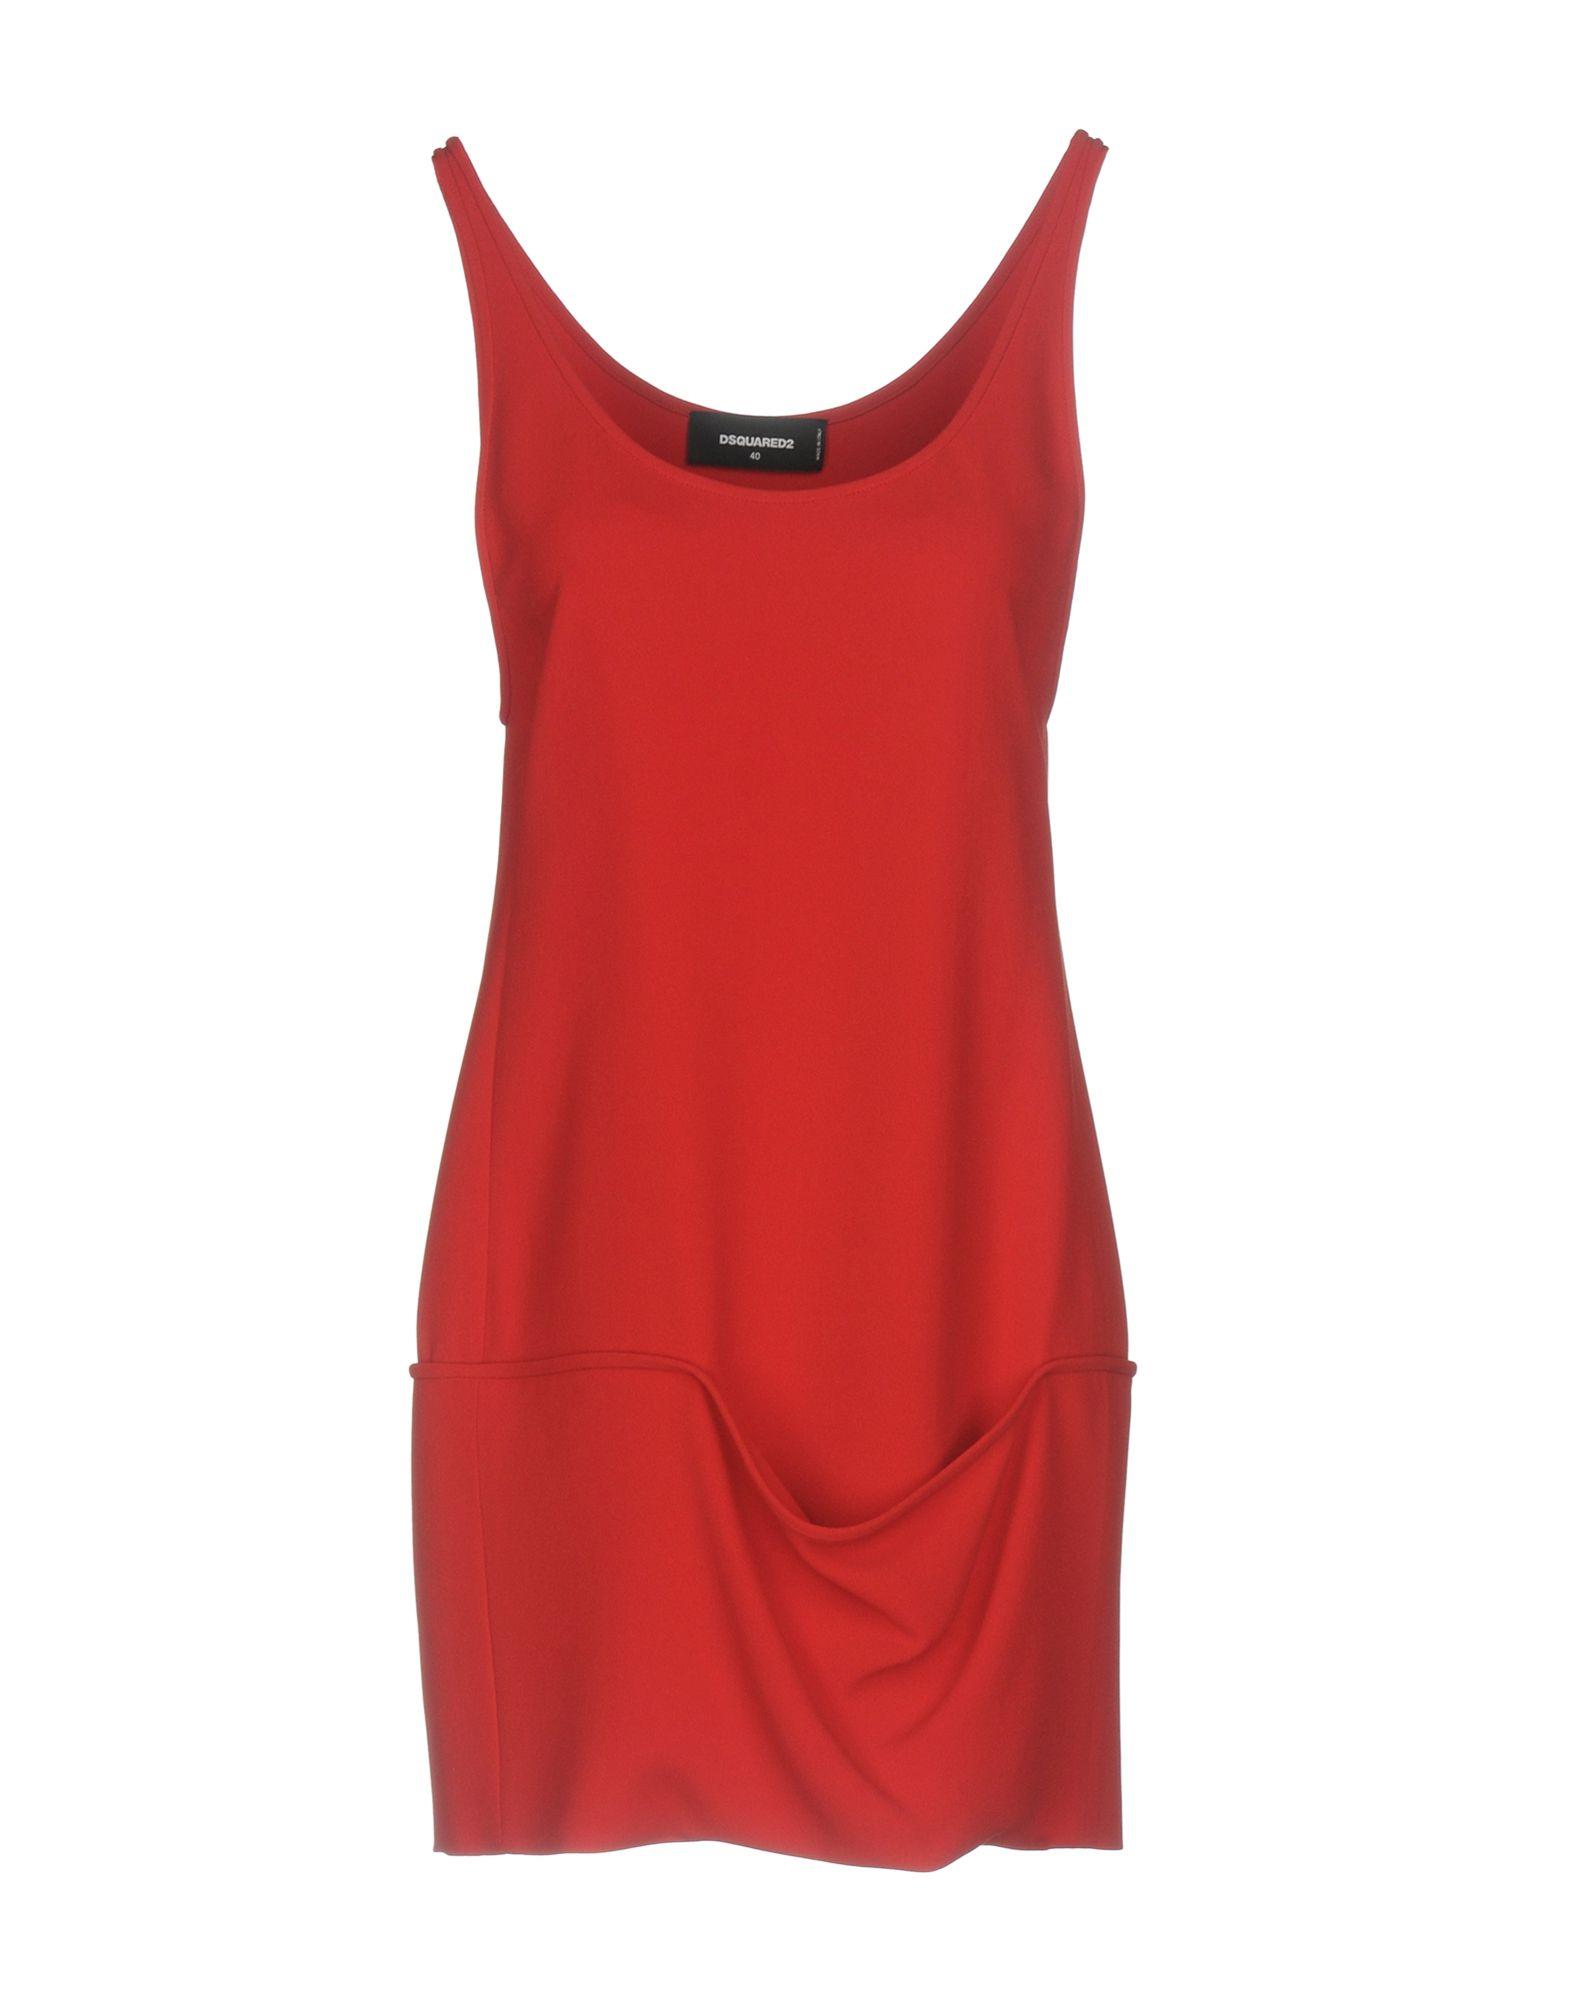 DSQUARED2 Damen Kurzes Kleid Farbe Rot Größe 3 jetztbilligerkaufen